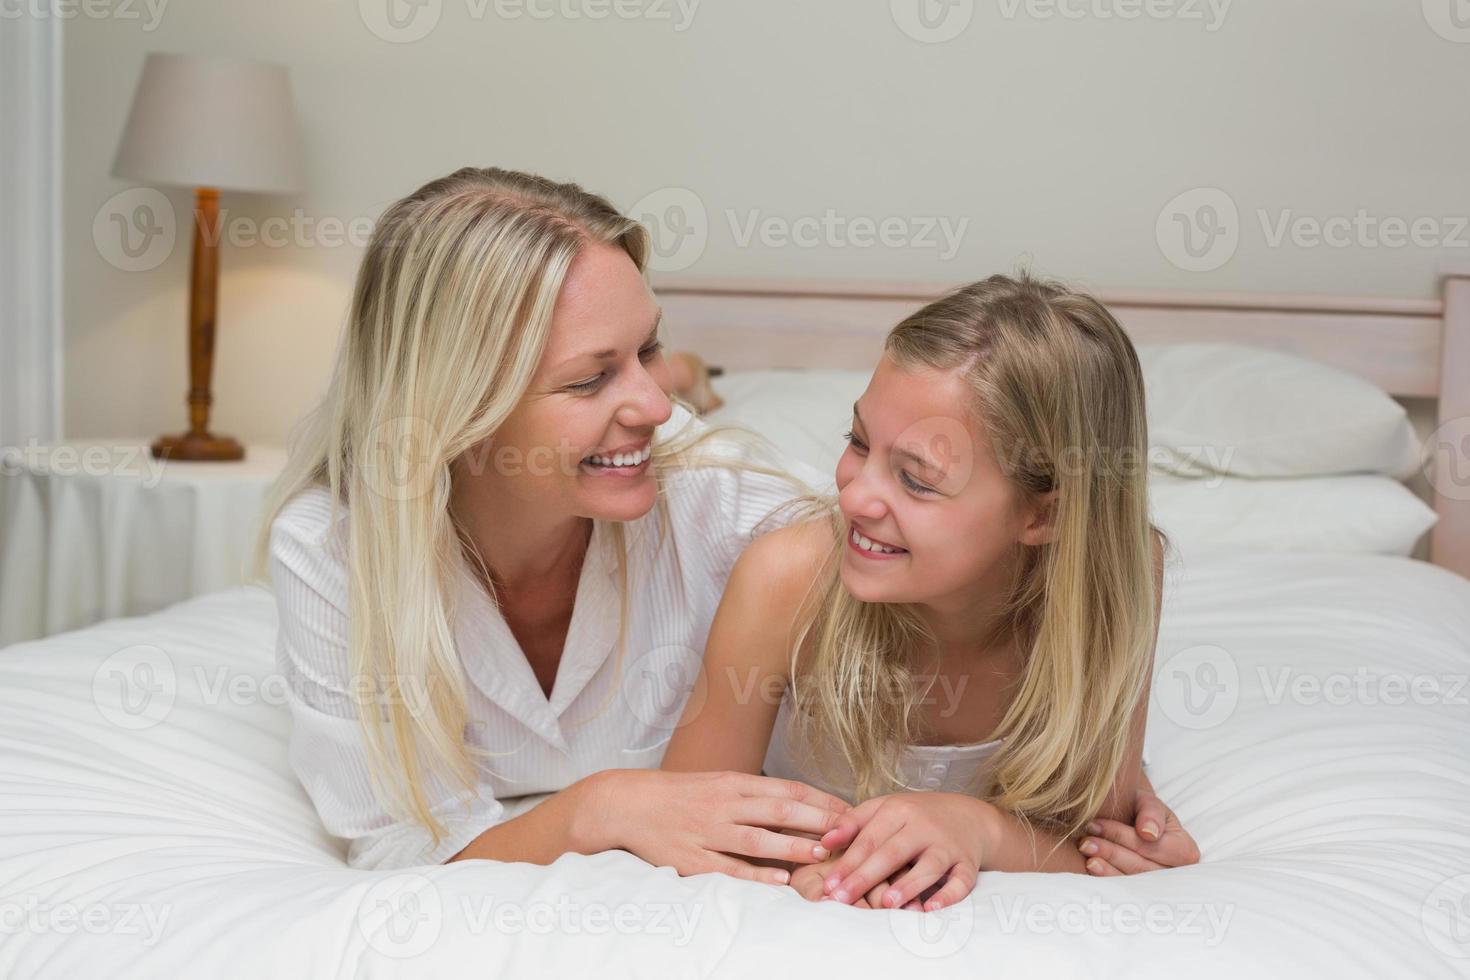 kvinna tittar på dotter medan du ligger i sängen foto